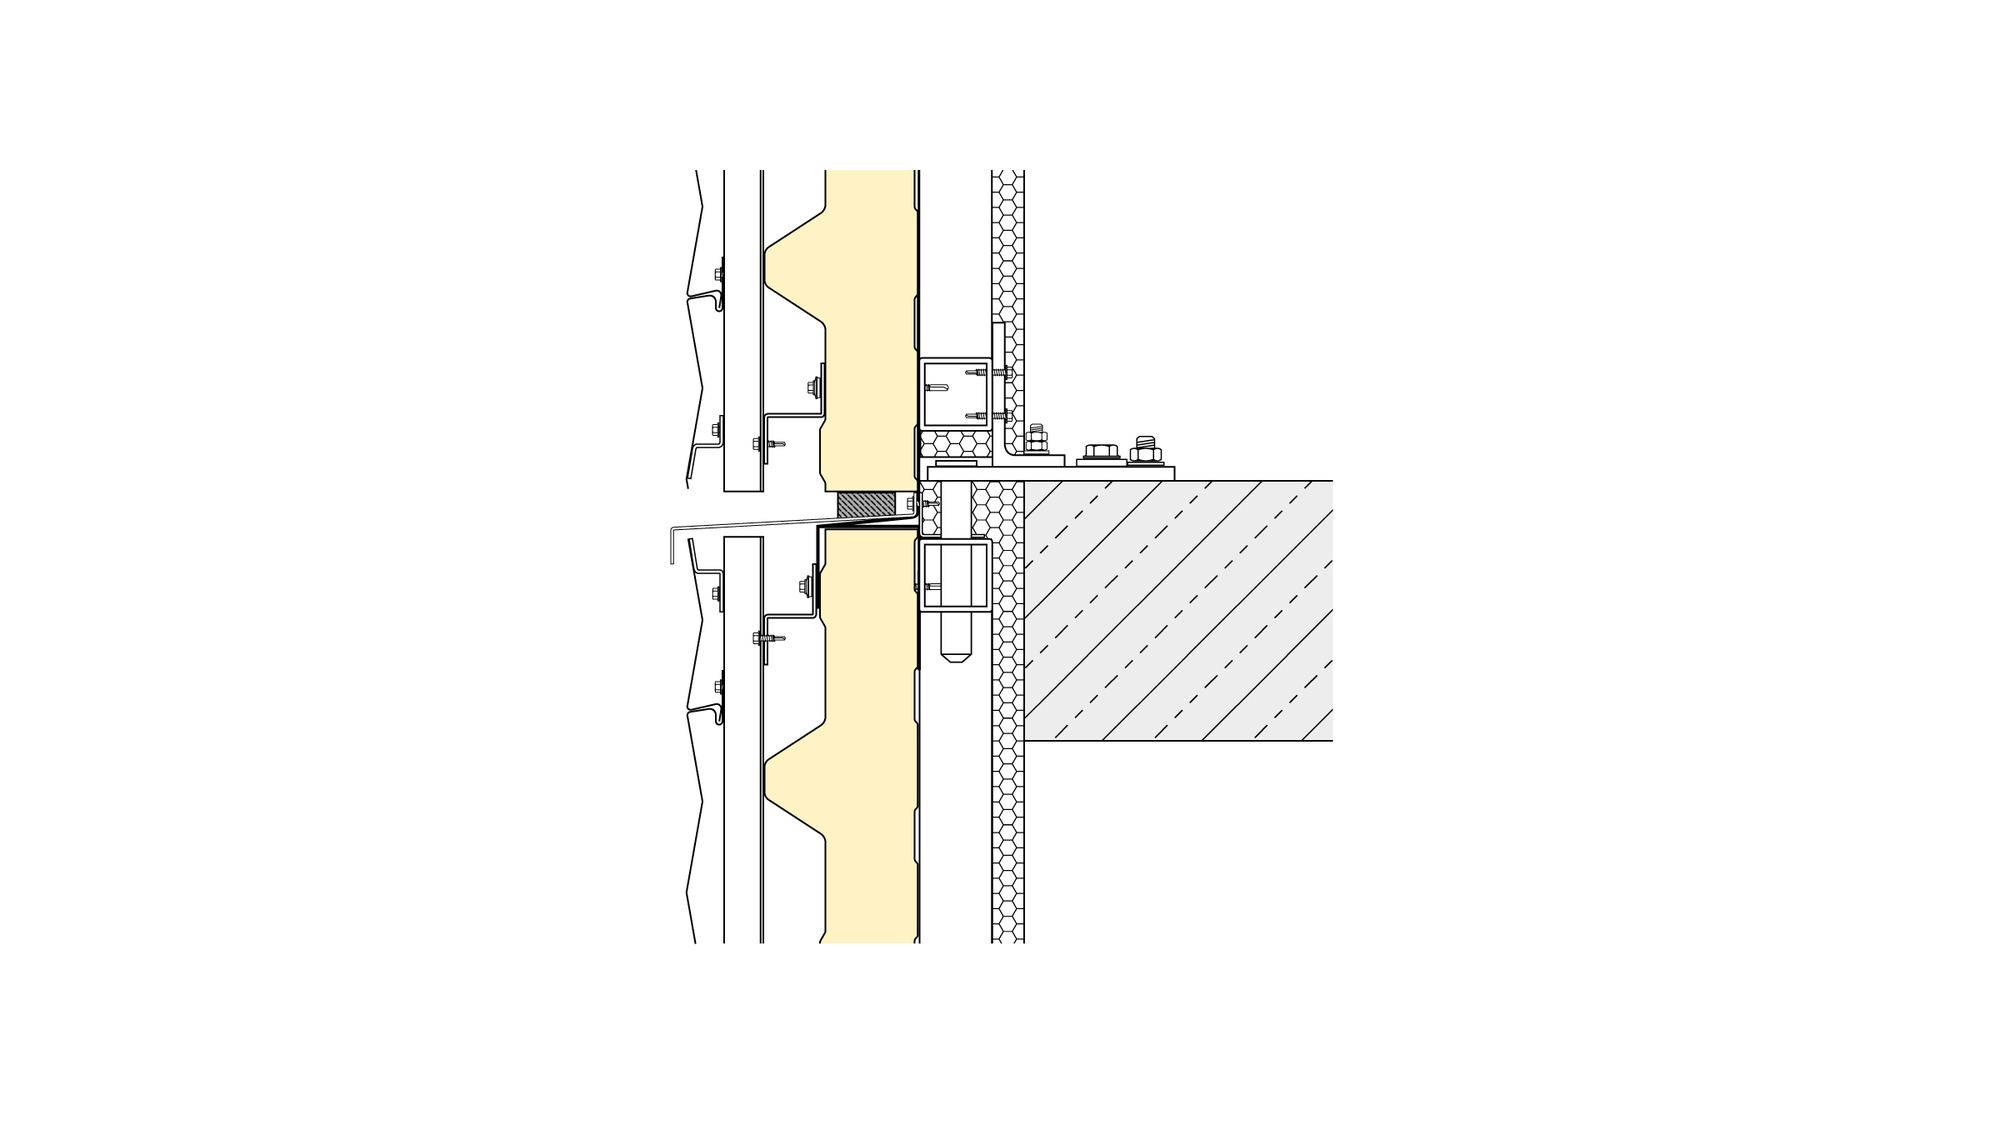 Assembly 2D - D2B Archisol